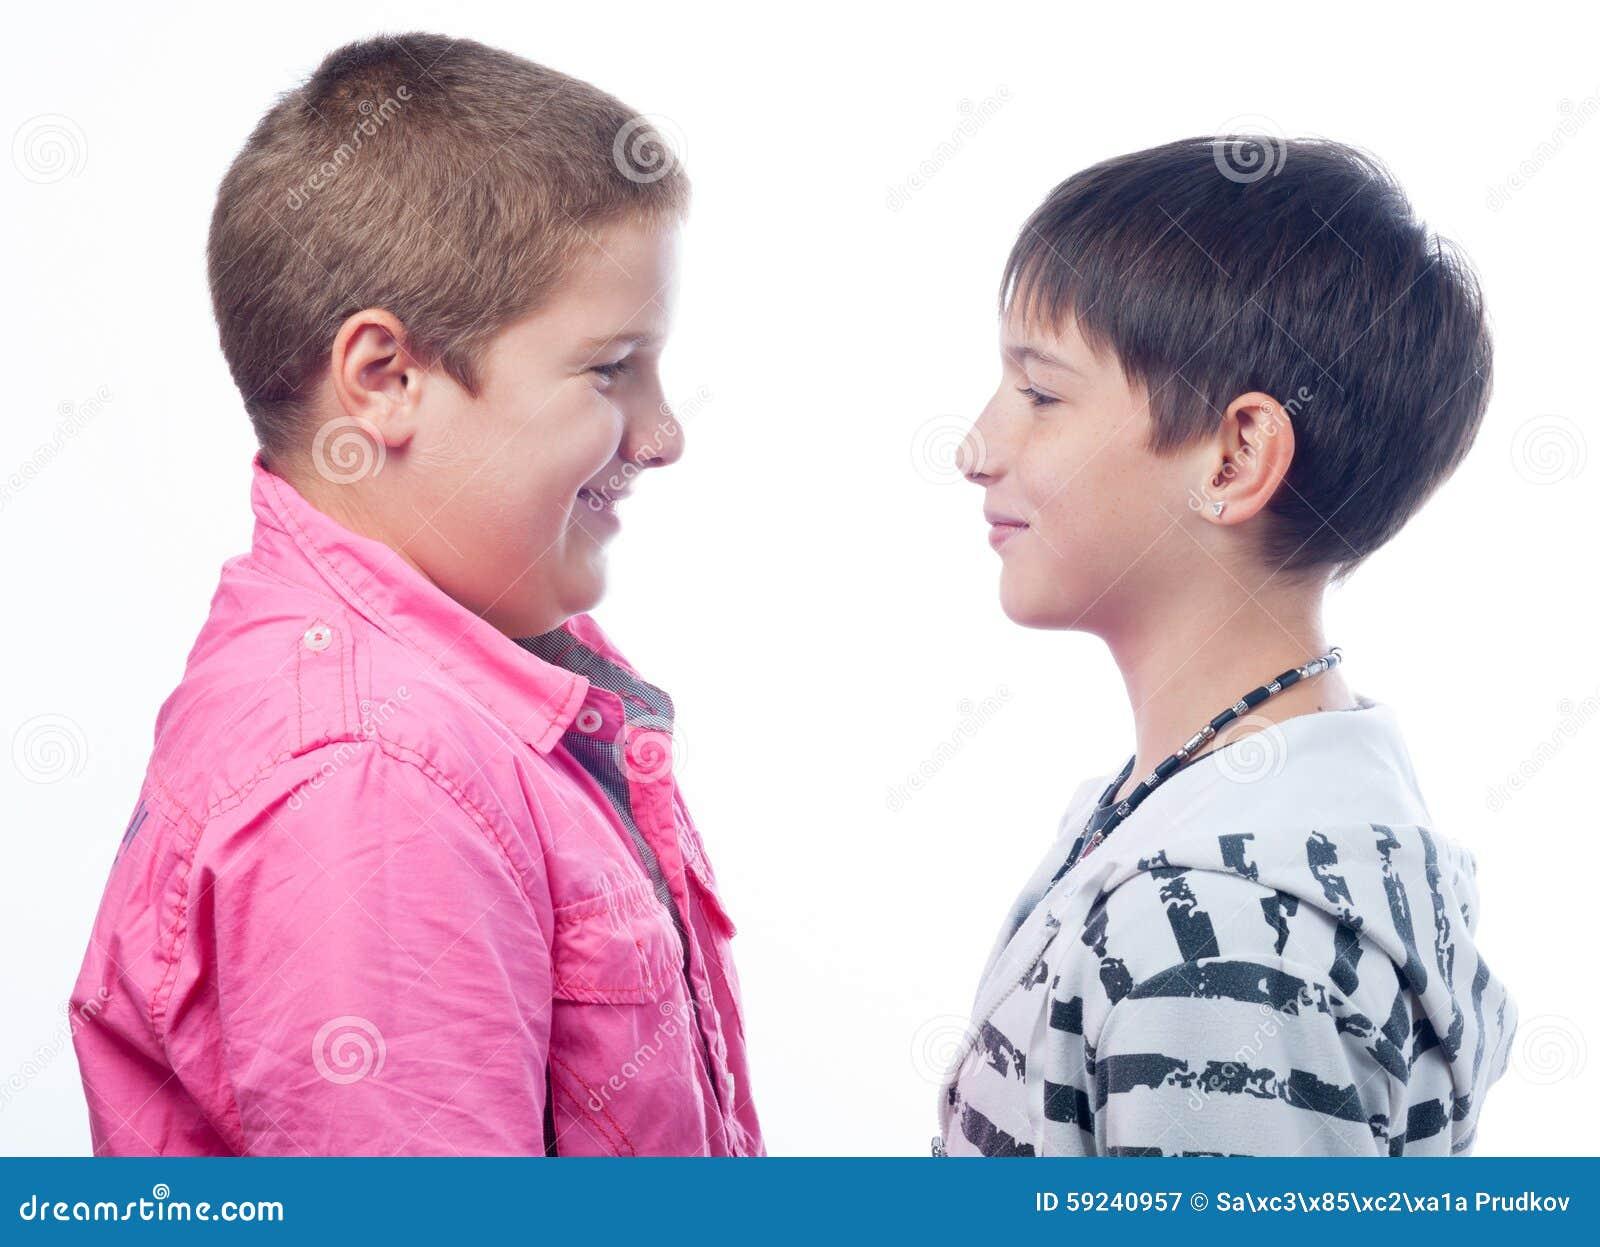 2 подростка усмехаясь на одине другого изолированном на белизне